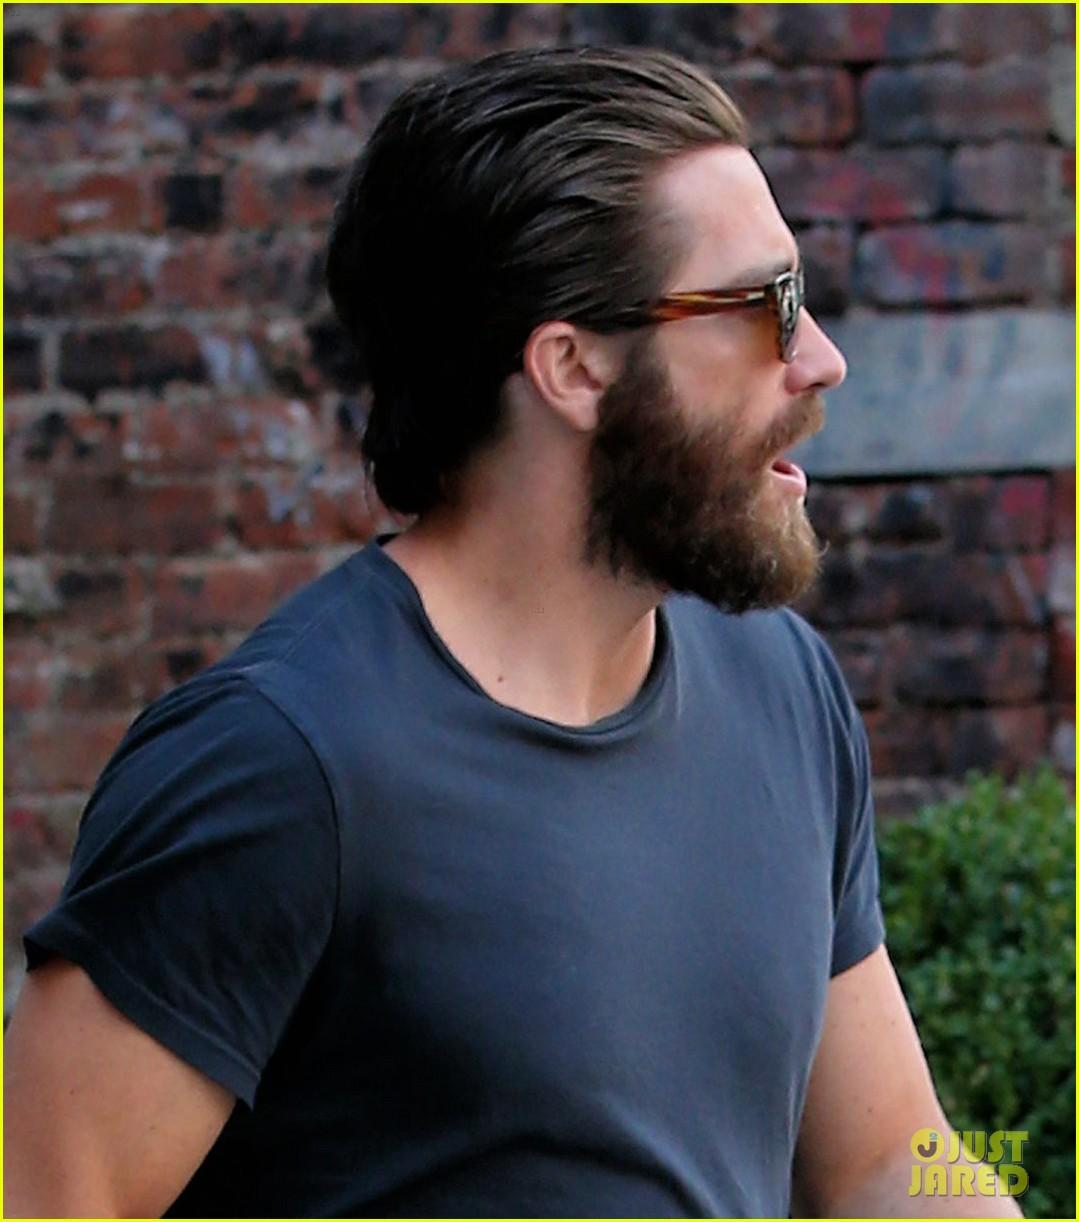 Full Sized Photo of jake gyllenhaal will develop films ... Jake Gyllenhaal Films